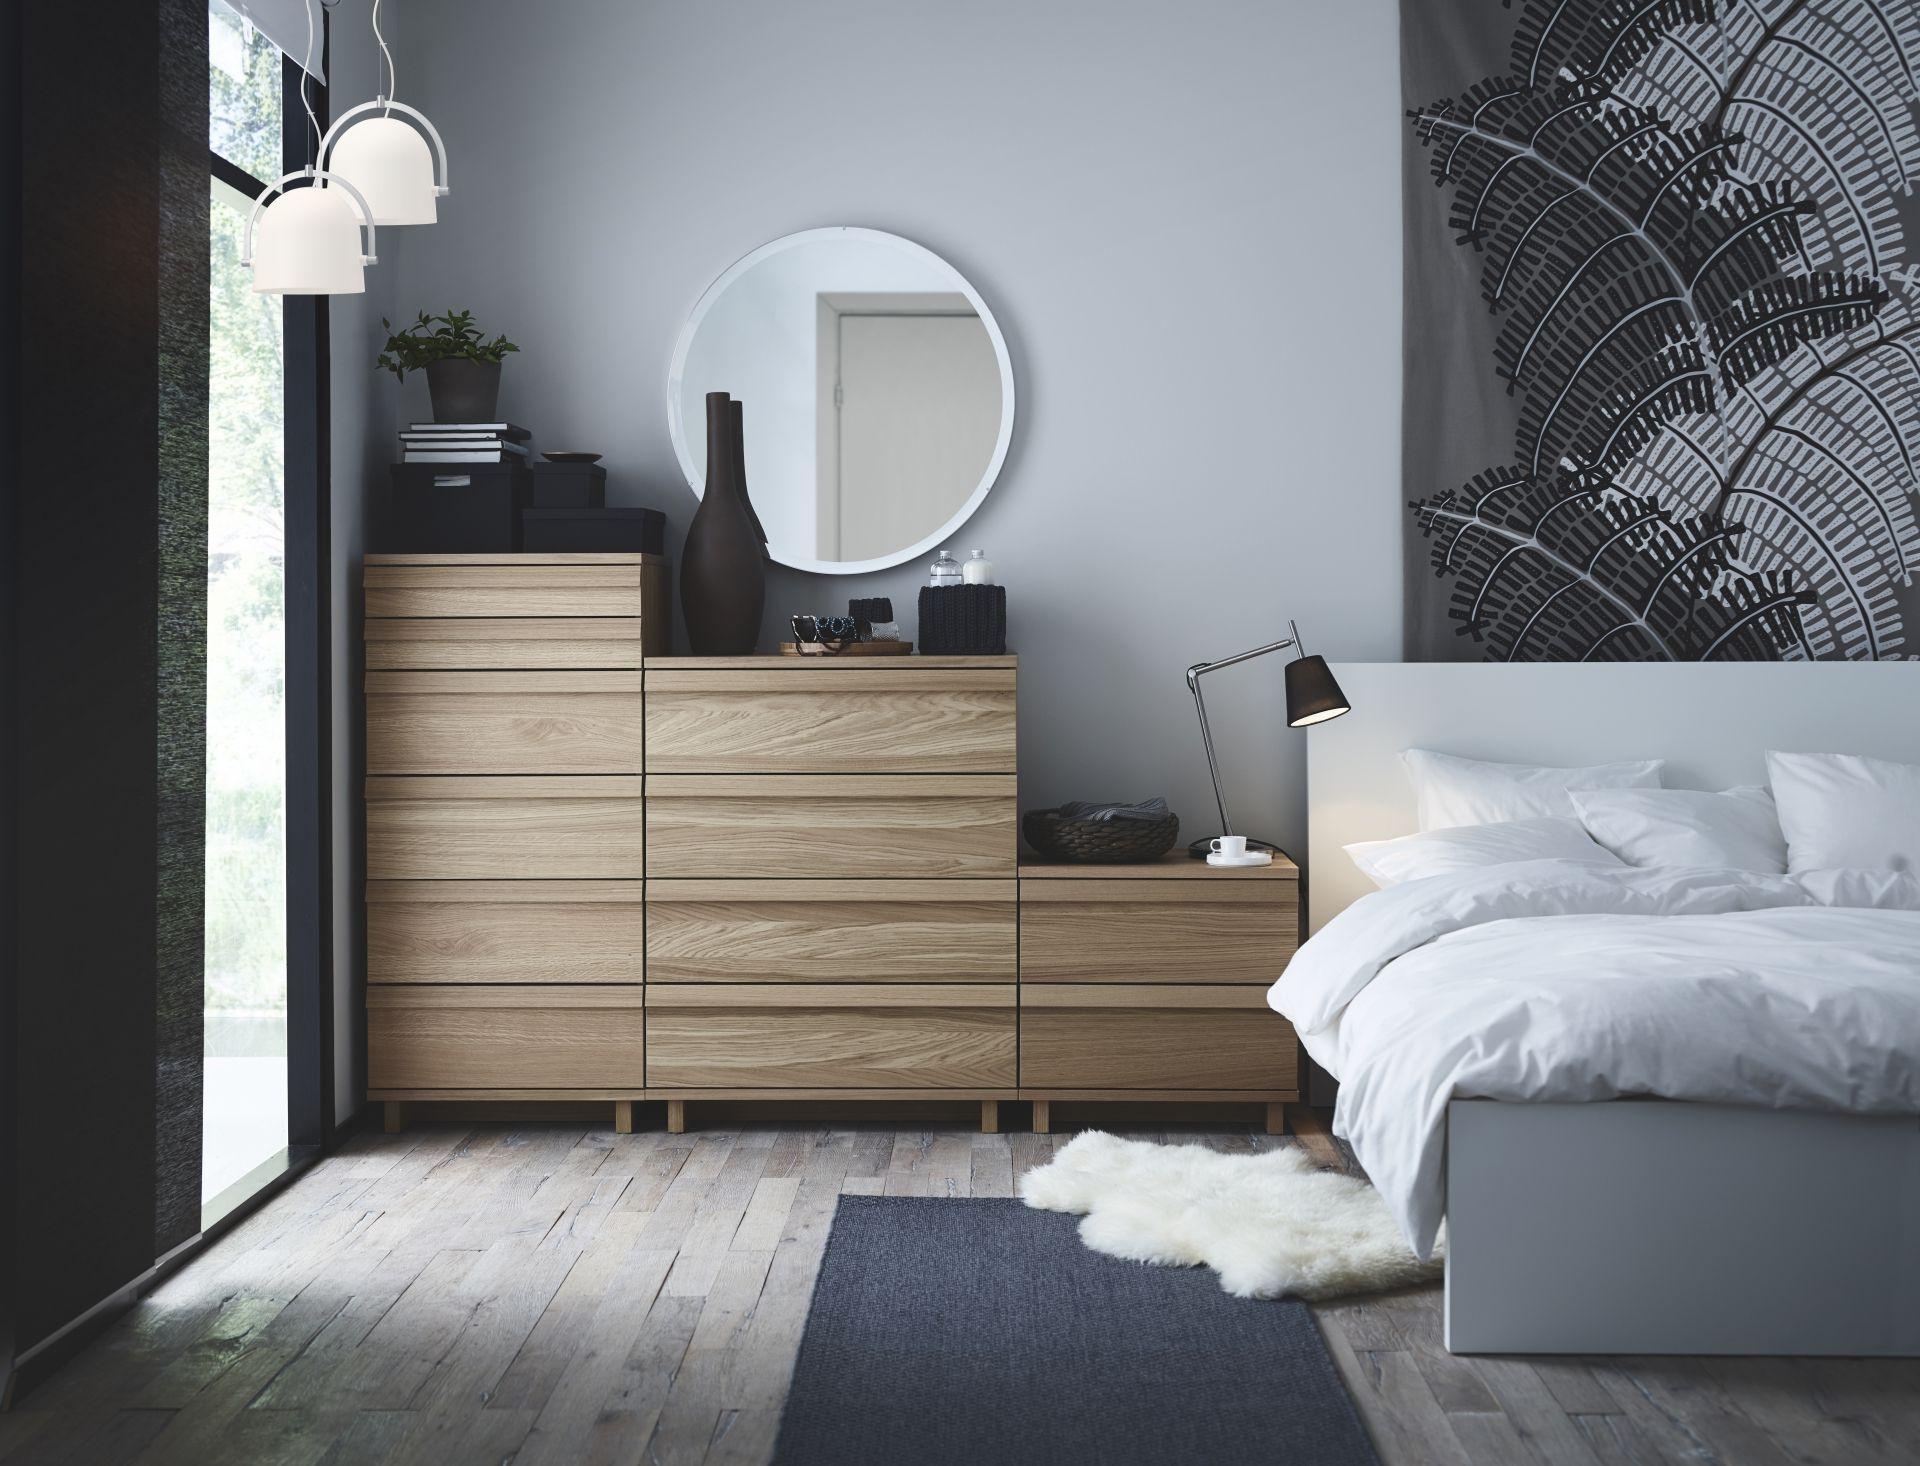 Ikea Schlafzimmer Schlafzimmermöbel Zimmer ideen Möbel Ideen Nachttische Elternschlafzimmer Raum Haut Tricks